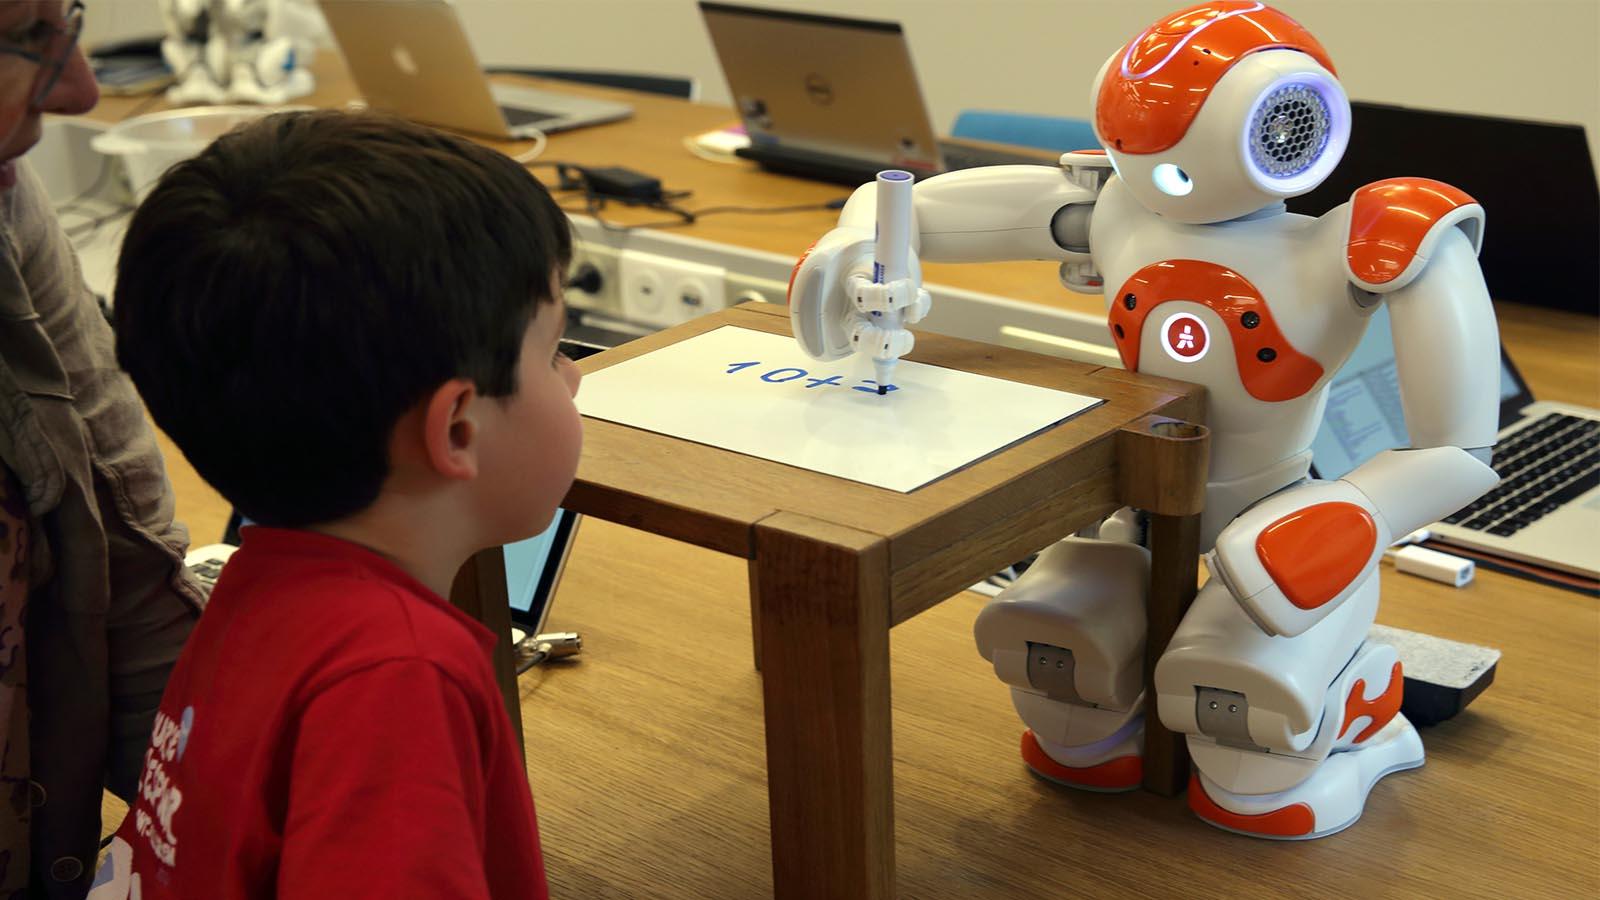 هوش مصنوعی رباتیک بازاریابی